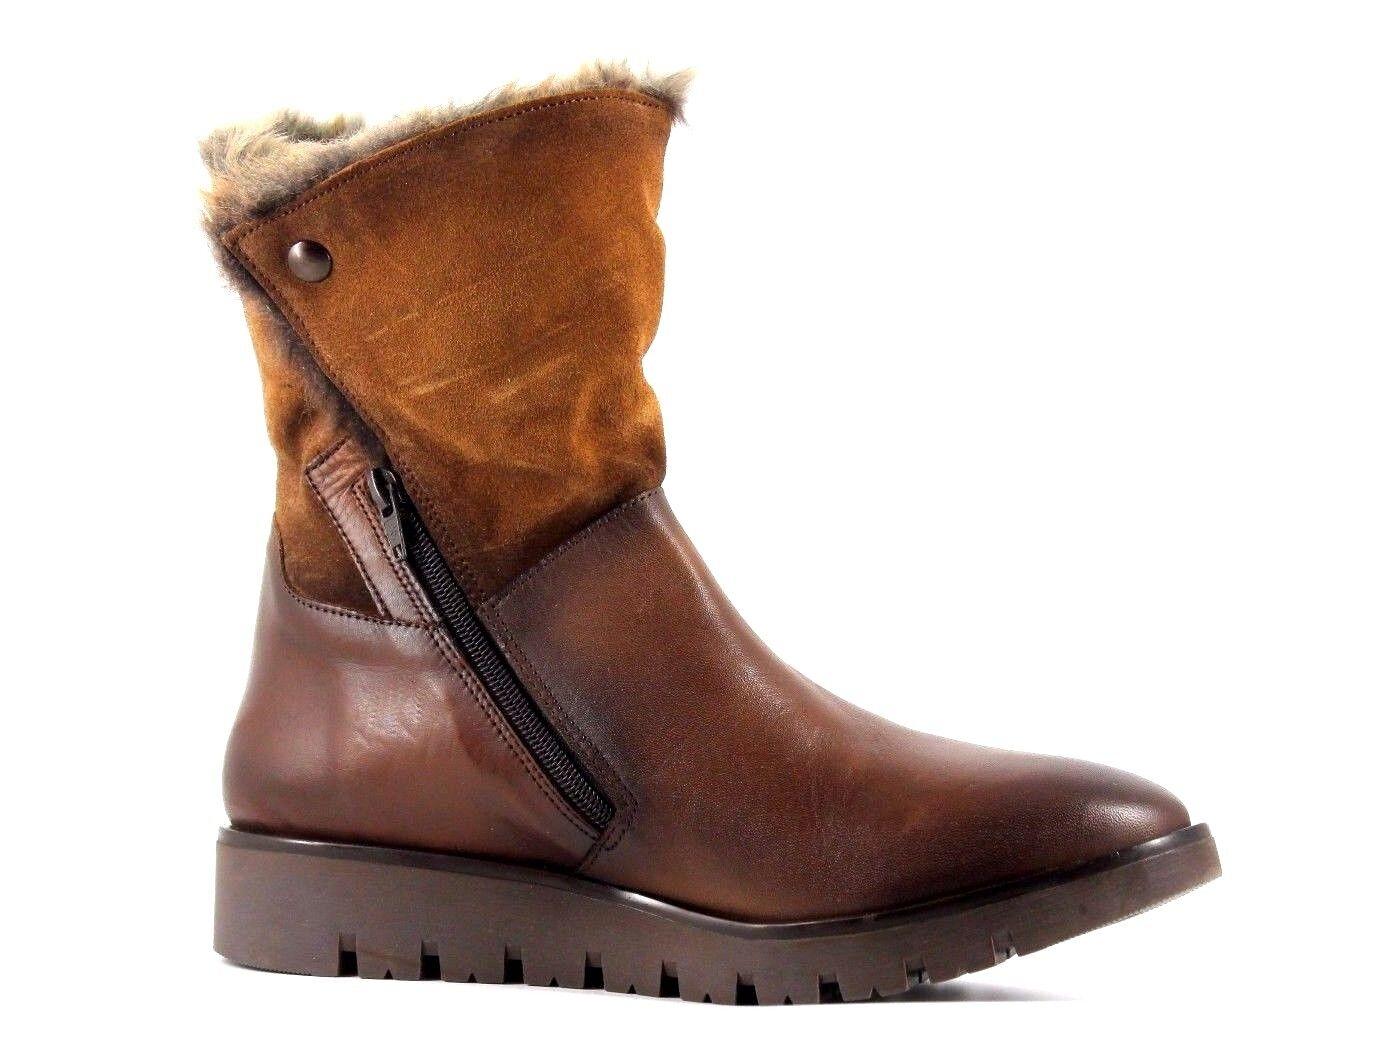 Caleidoscopio para mujer mujer mujer UK 7 EU 41 Marrón Cuero Y botas De Gamuza Piel Sintética a mitad de la pantorrilla c6c7fb